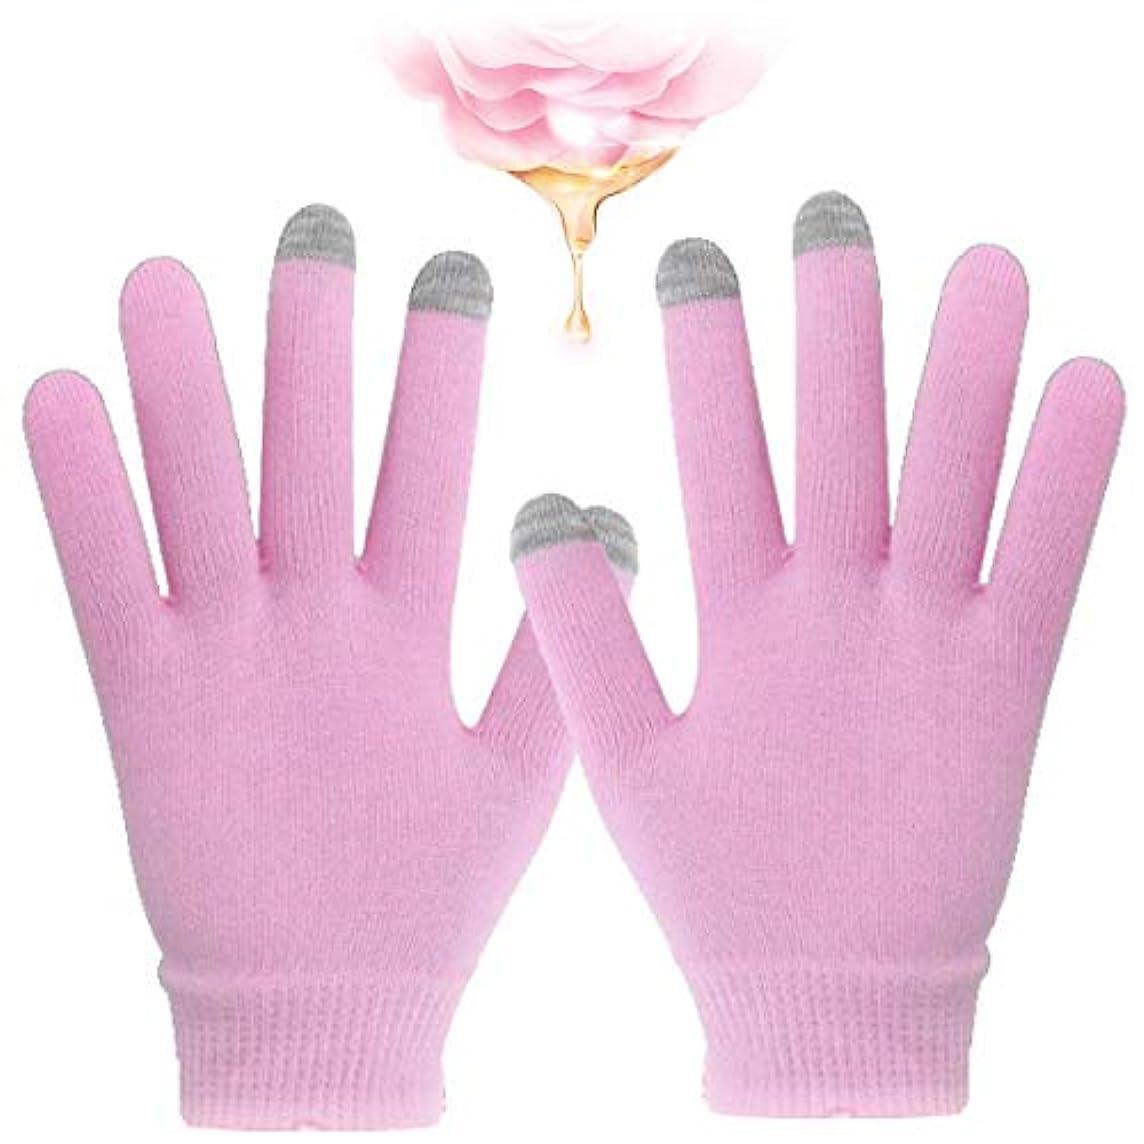 節約お母さん想定ハンドケア 手袋 スマホ対応 手袋 ゲル 保湿 美容成分配合 手荒れ 対策 おやすみ スキンケア グローブ うるおい 保護 タブレット